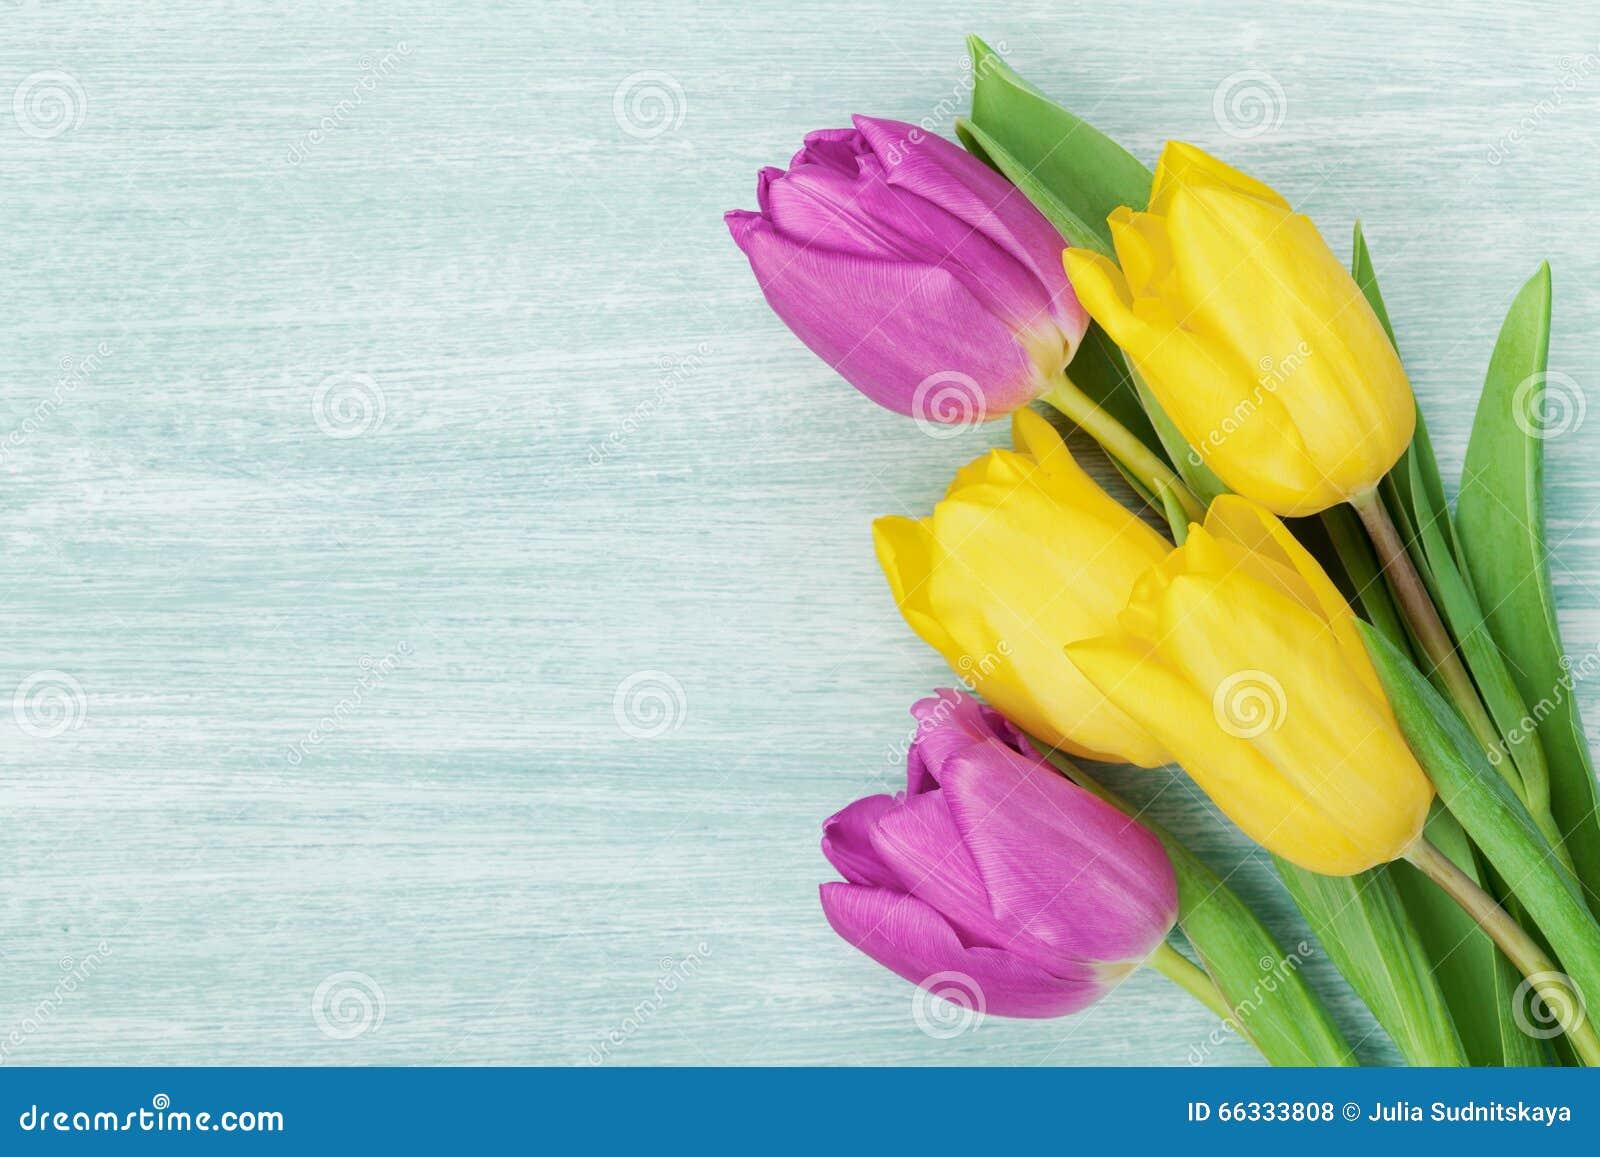 La tulipe fleurit sur la table rustique pour le jour du 8 mars, des femmes internationales, le jour d anniversaire ou de mères, b